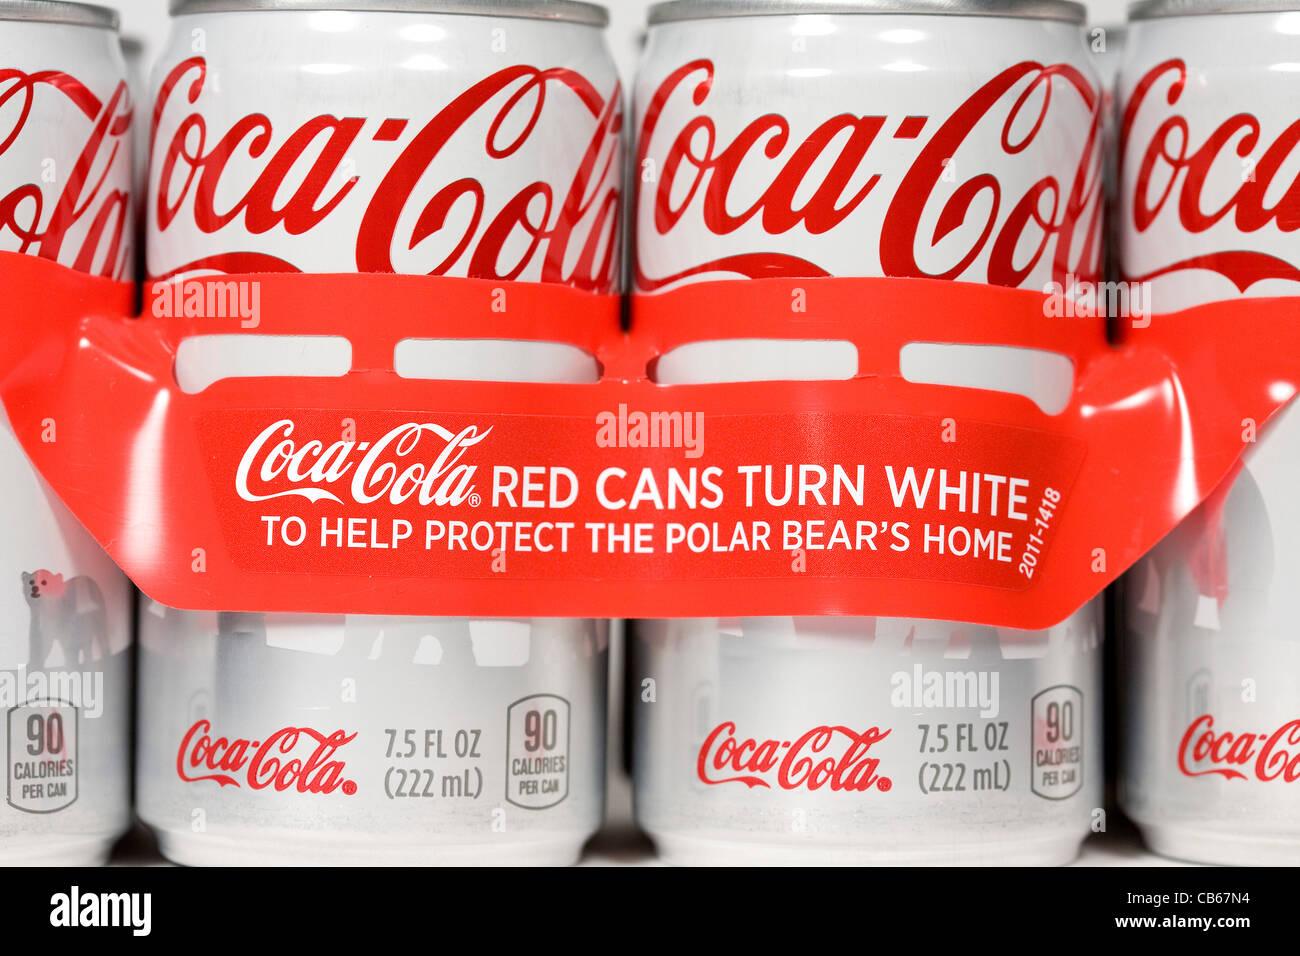 The Coca-Cola polar bear can.  - Stock Image